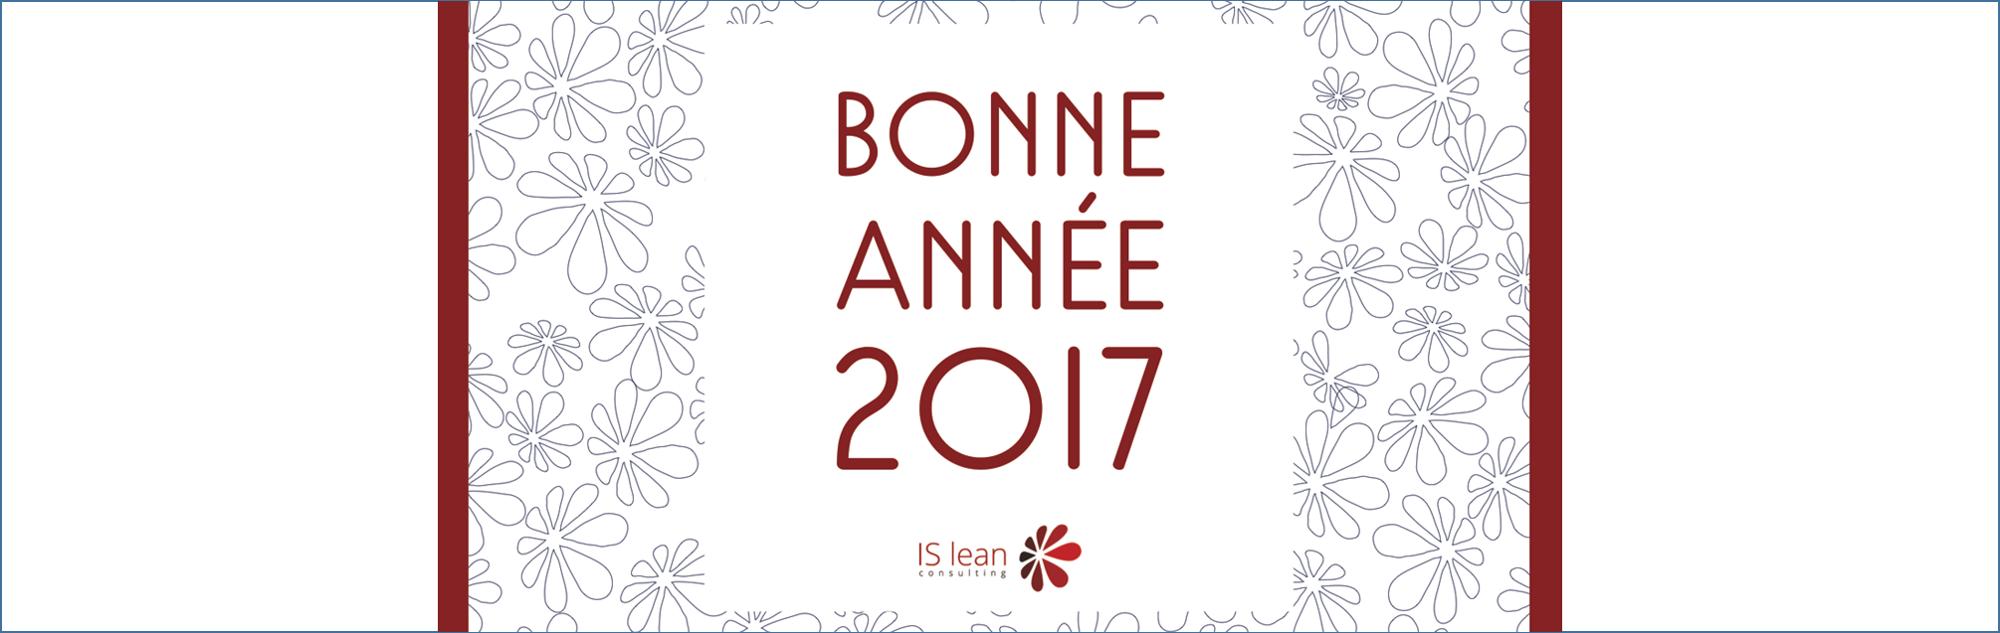 Bonne année 2017 par ISlean cconsulting